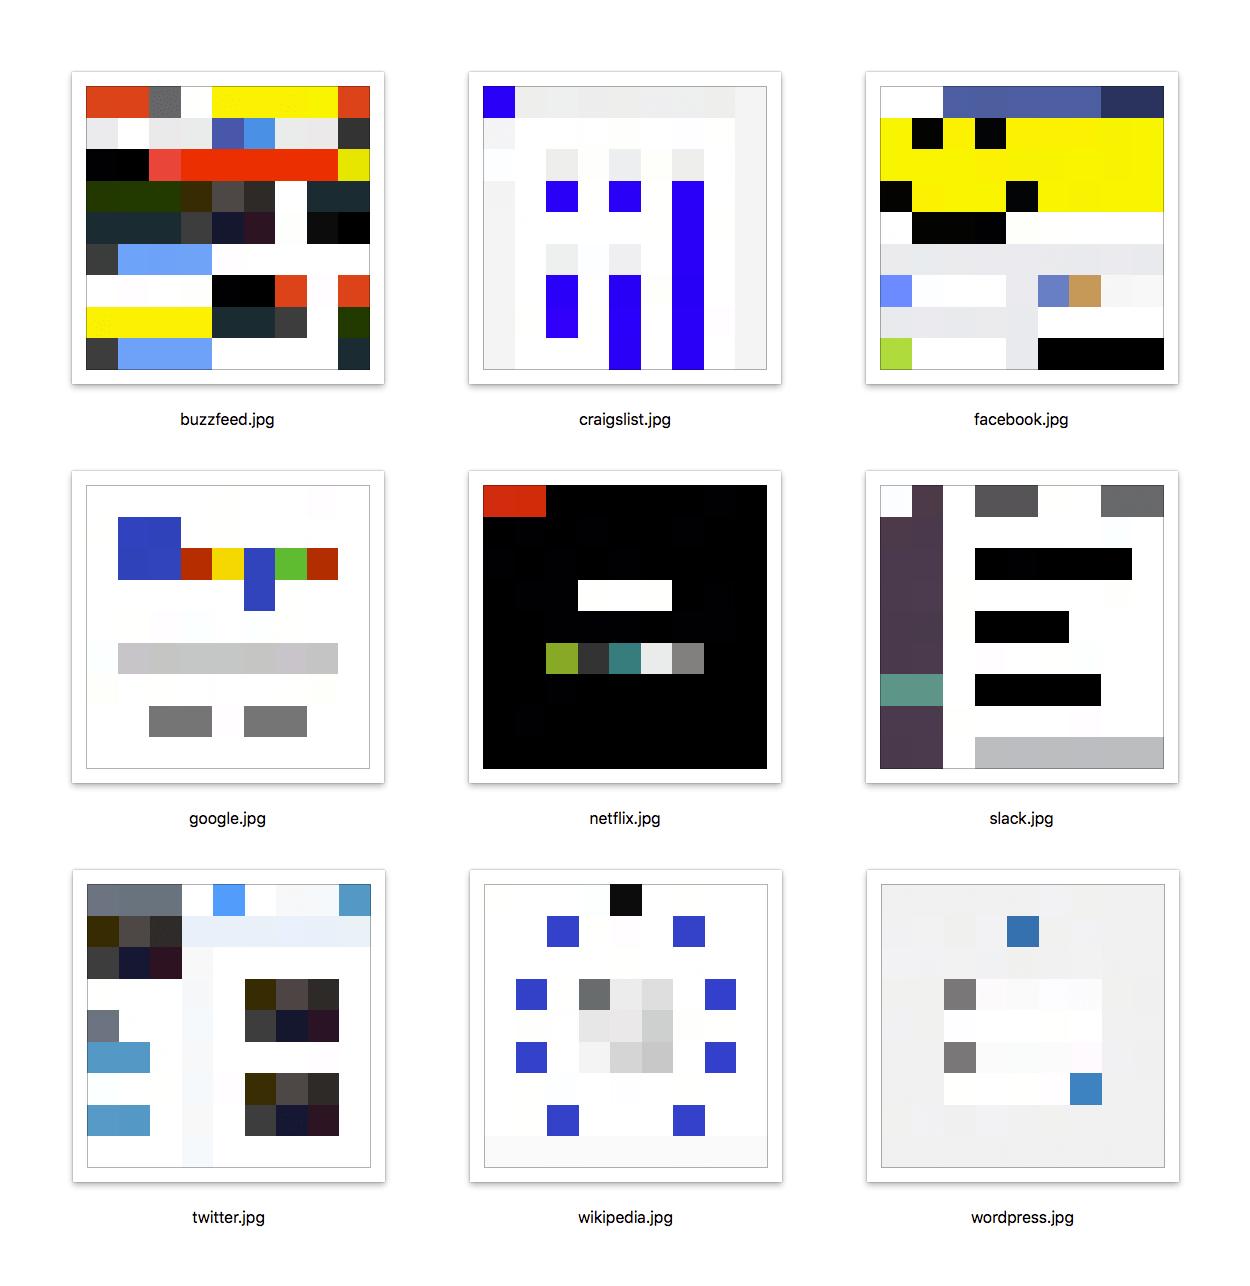 random-2-9x9